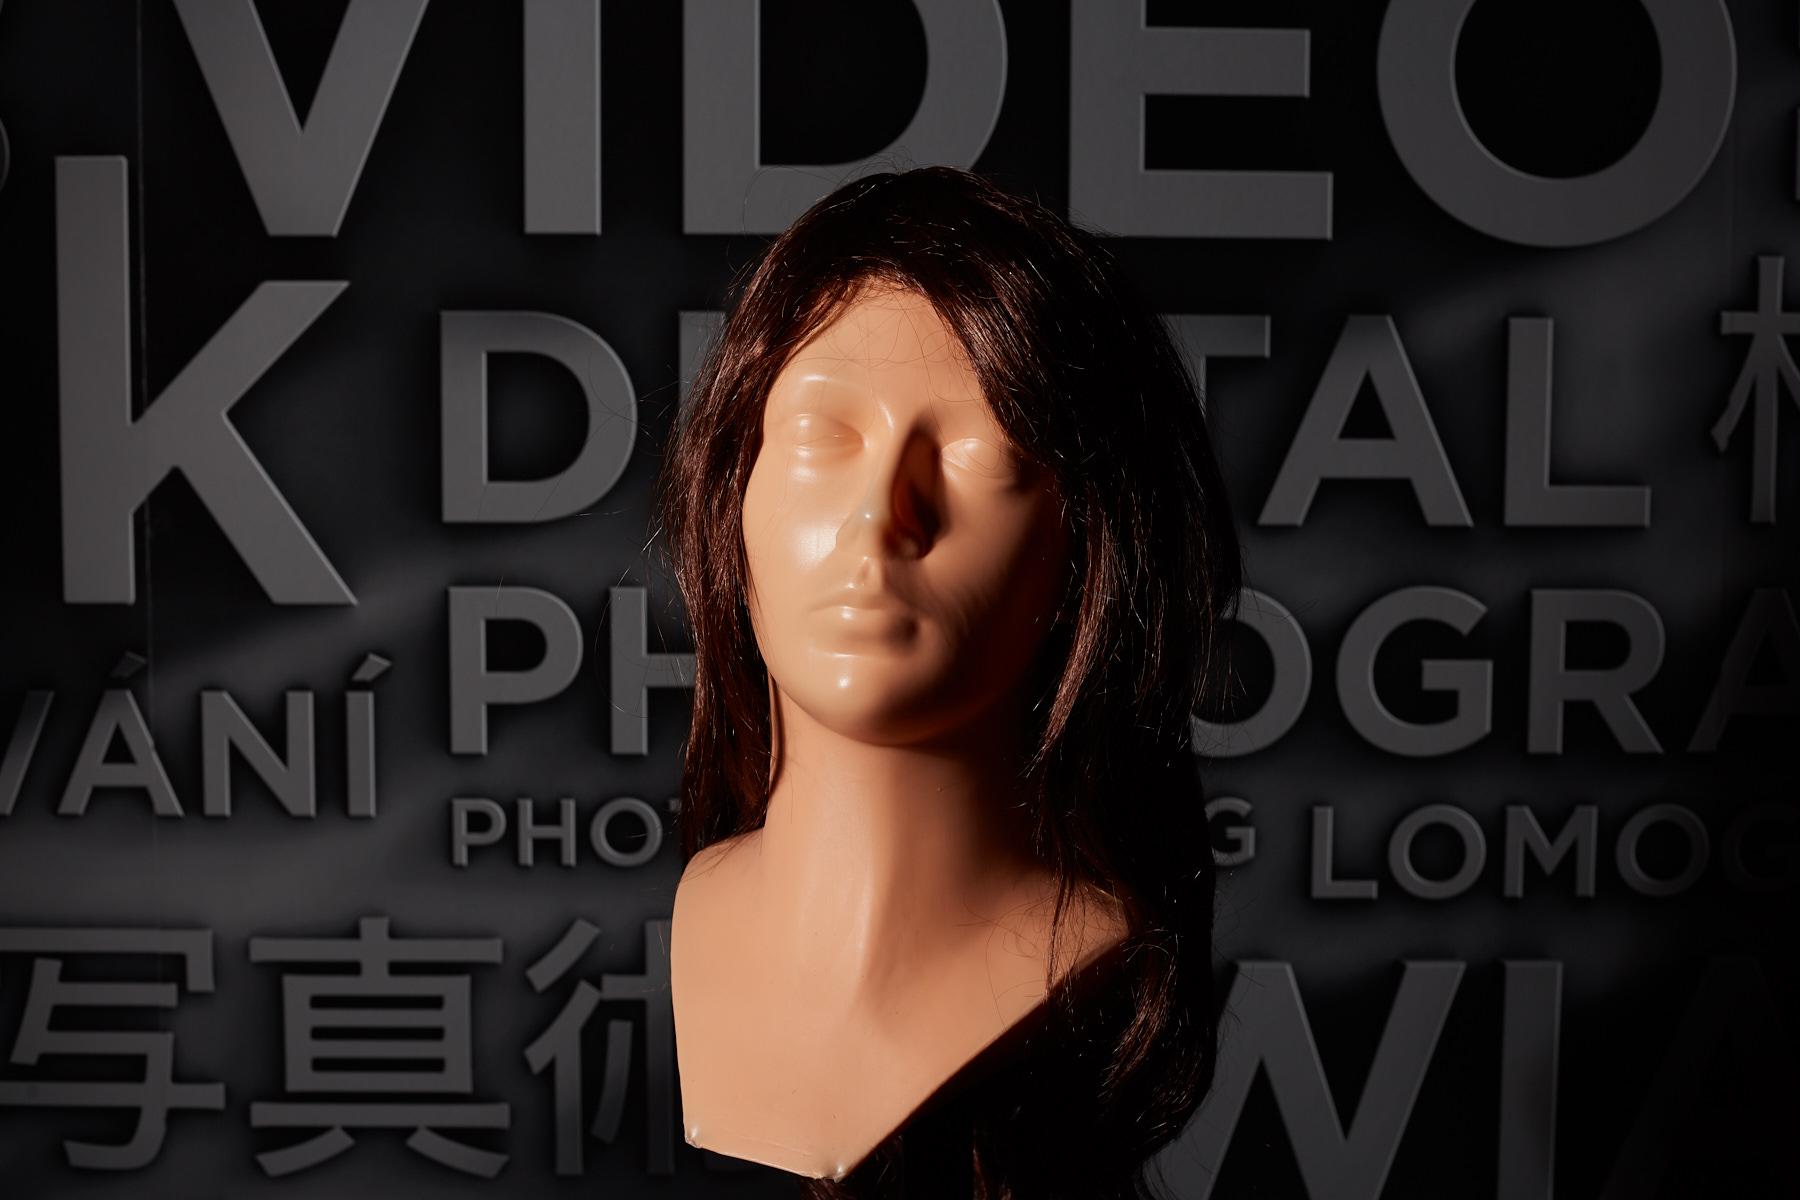 Sania videá